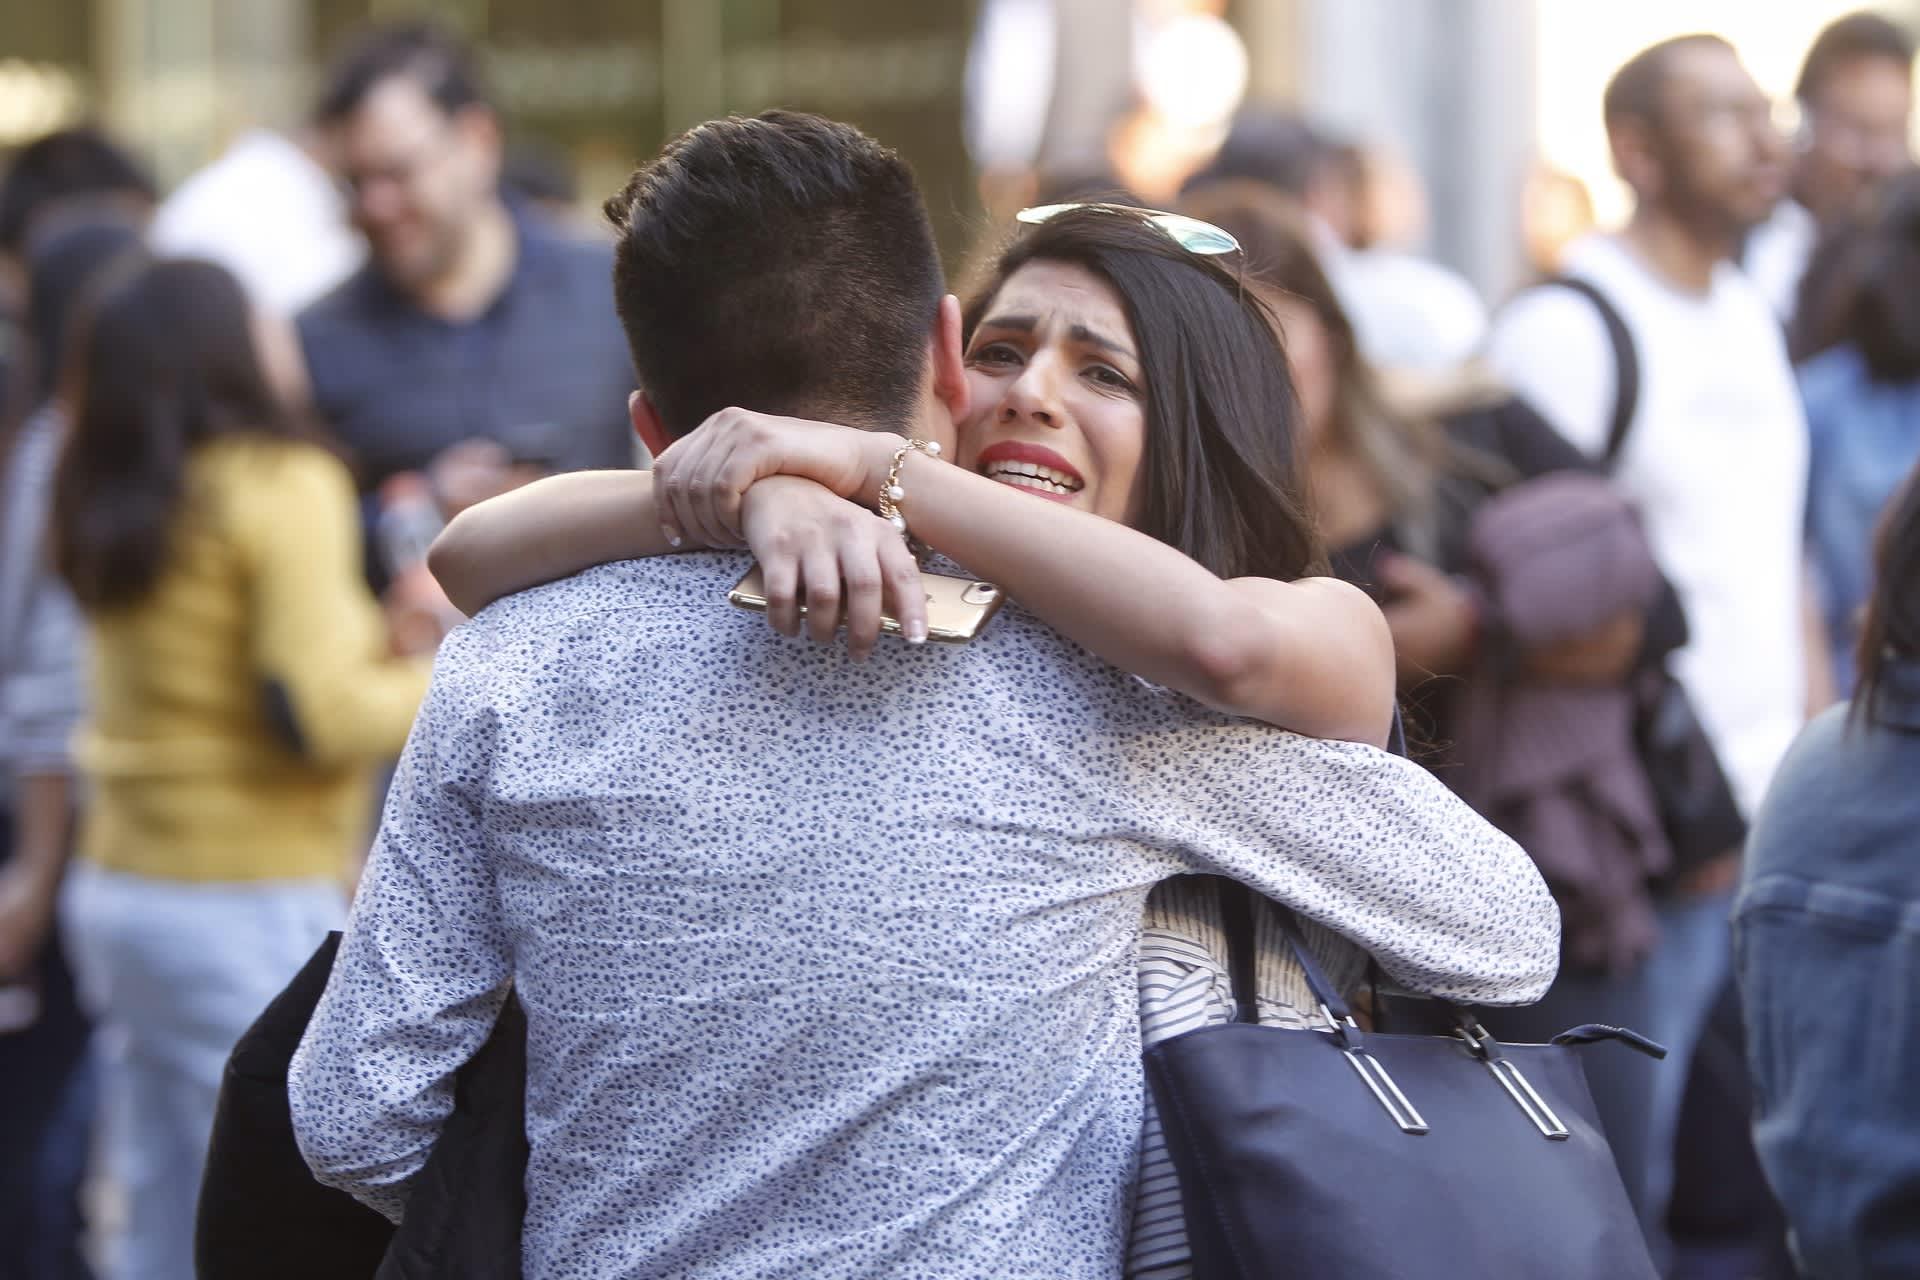 Nainen ja mies halaavat maanjäristyksen jälkeen toisiaan. Naisen ilme on hätääntynyt.